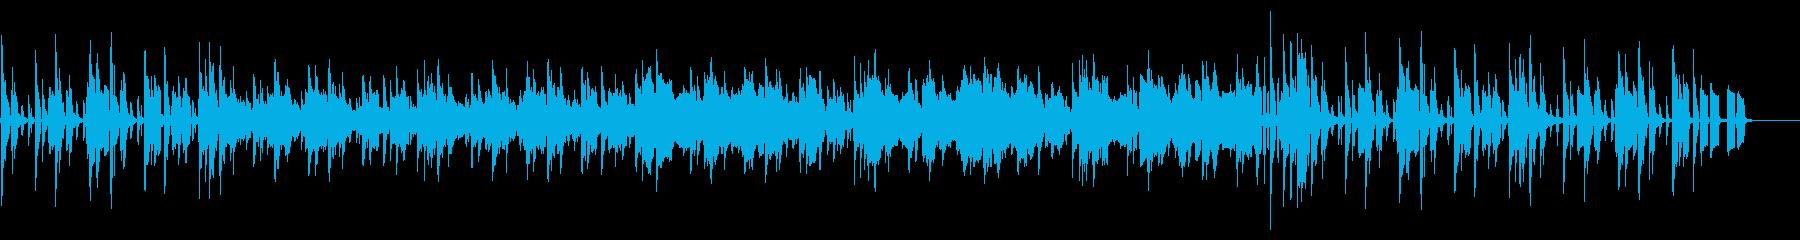 地下ダンジョンや工場の無機質なBGMの再生済みの波形